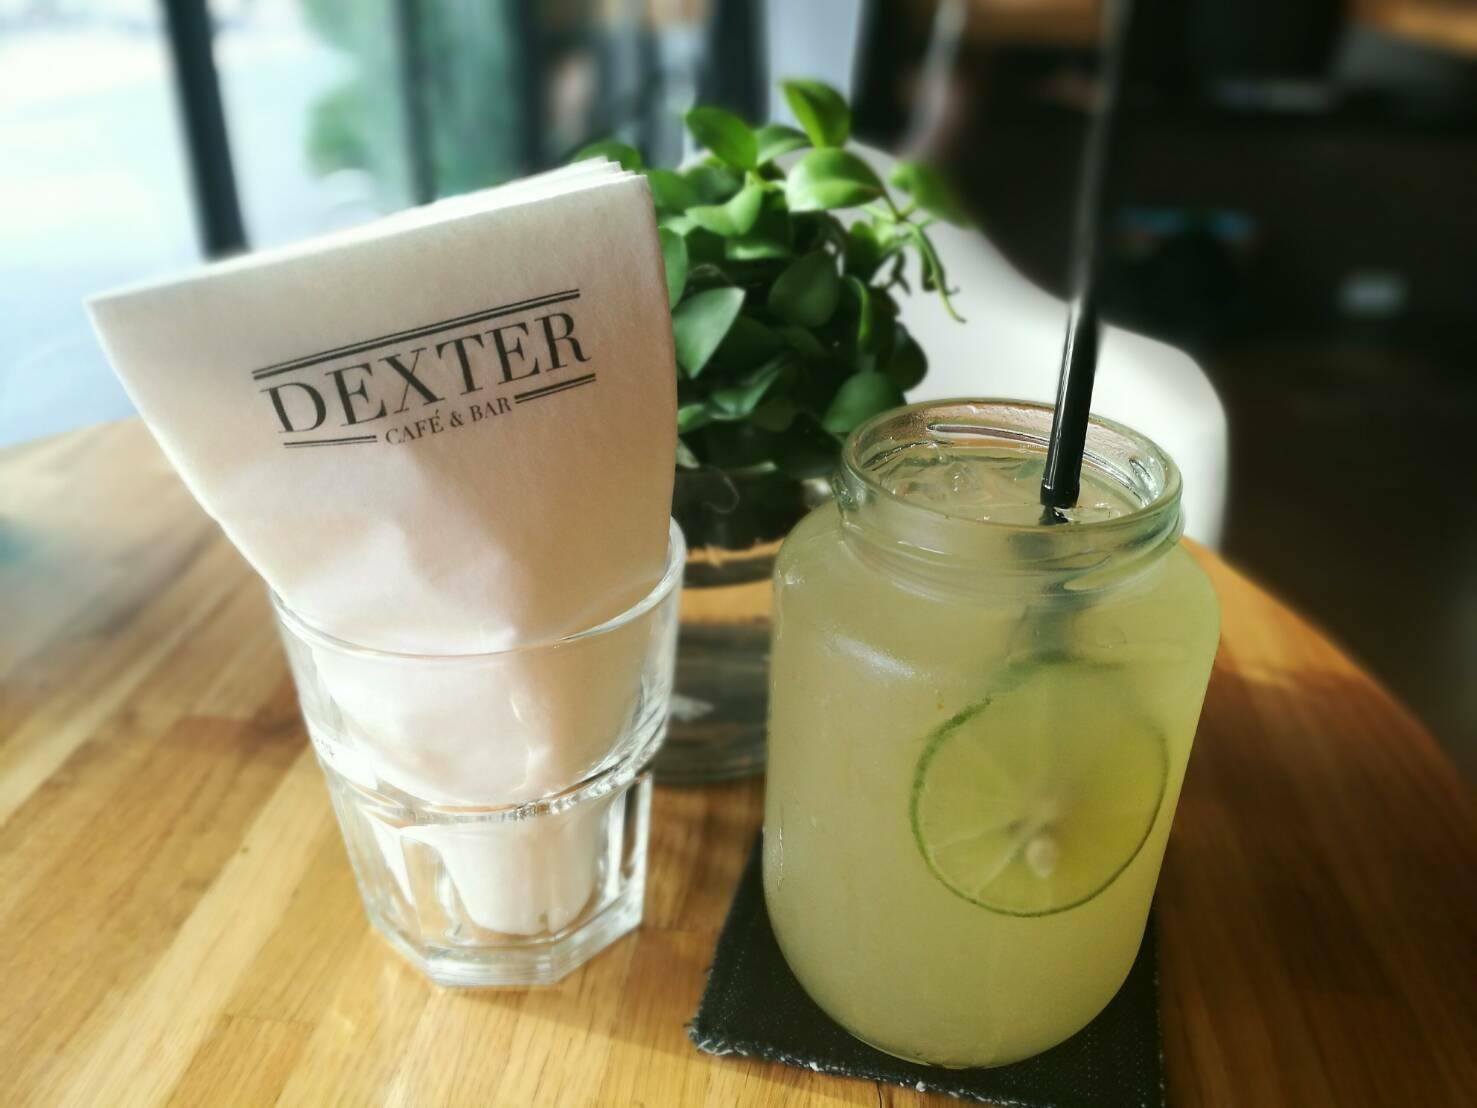 nước chanh tại dexter cafe